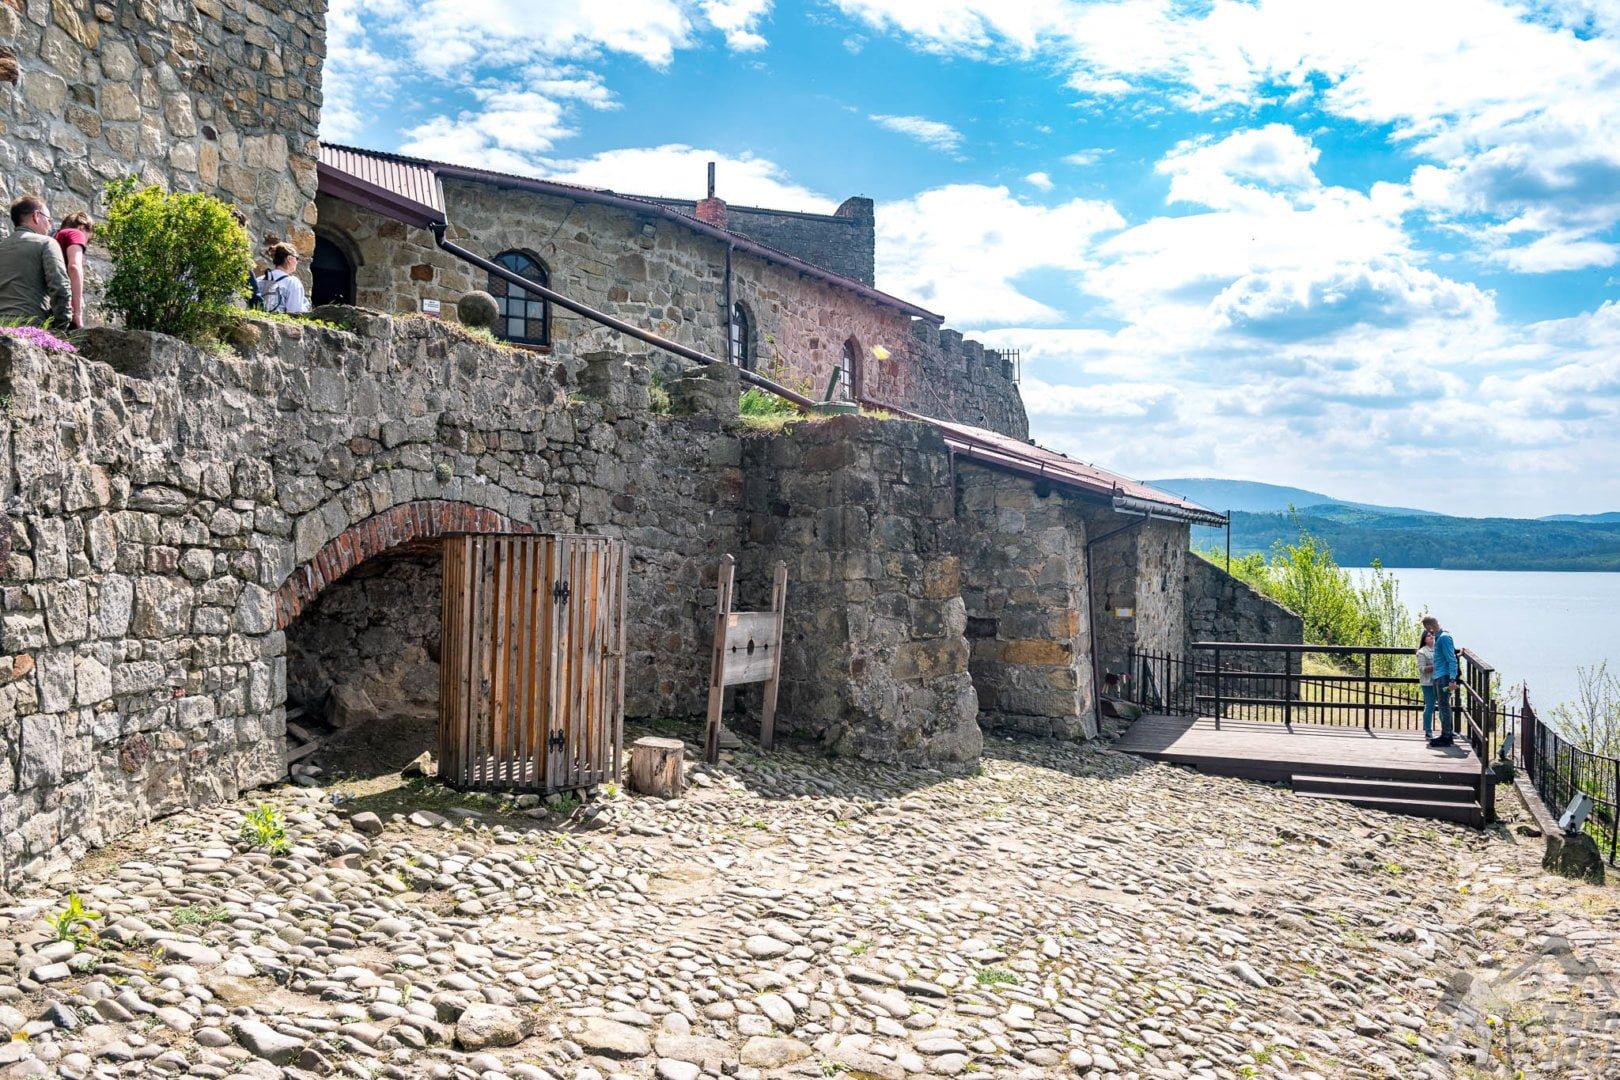 Zamek w Dobczycach - Dziedziniec